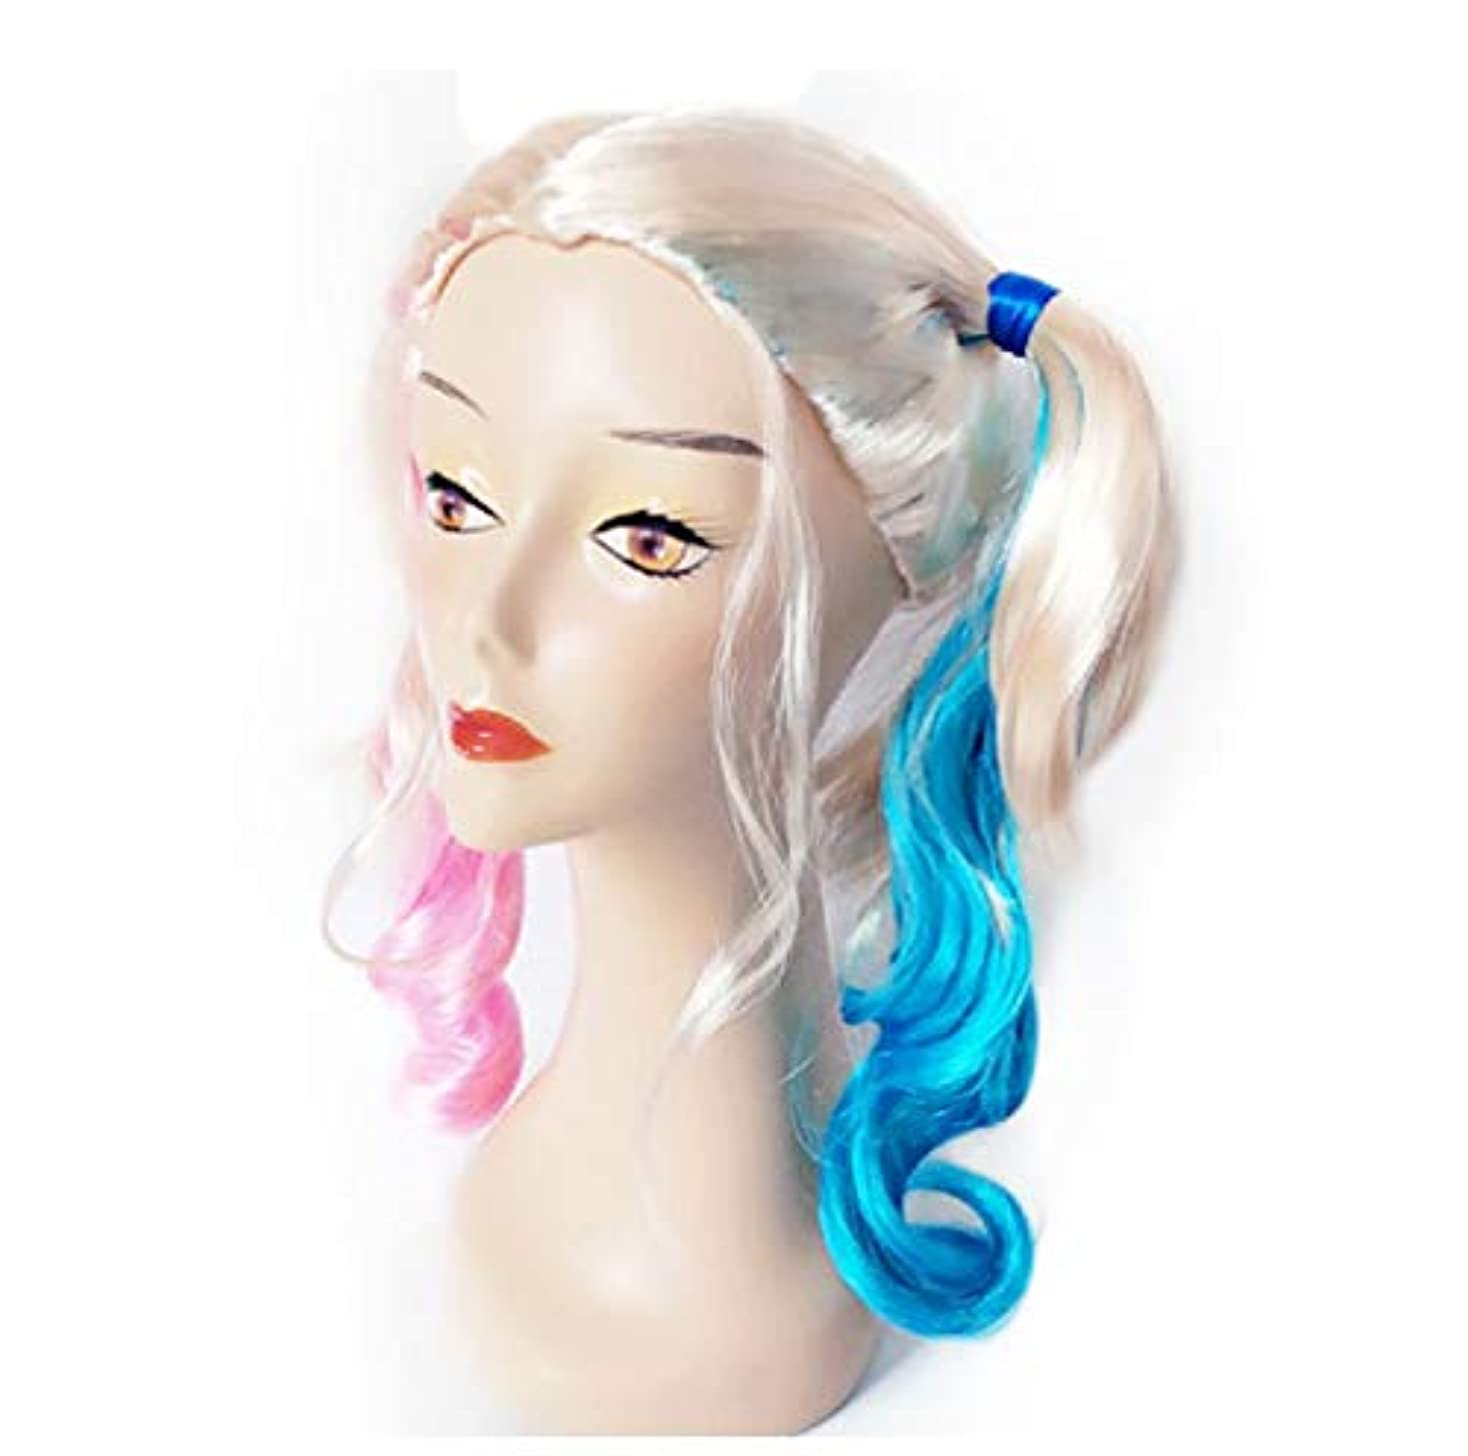 選出する変化介入する女性ピエロウィッグフォームサーカスコミック鼻マスクパーティー用品コスプレ衣装マジックドレスパーティー用品ハロウィントリックパーティーの好意